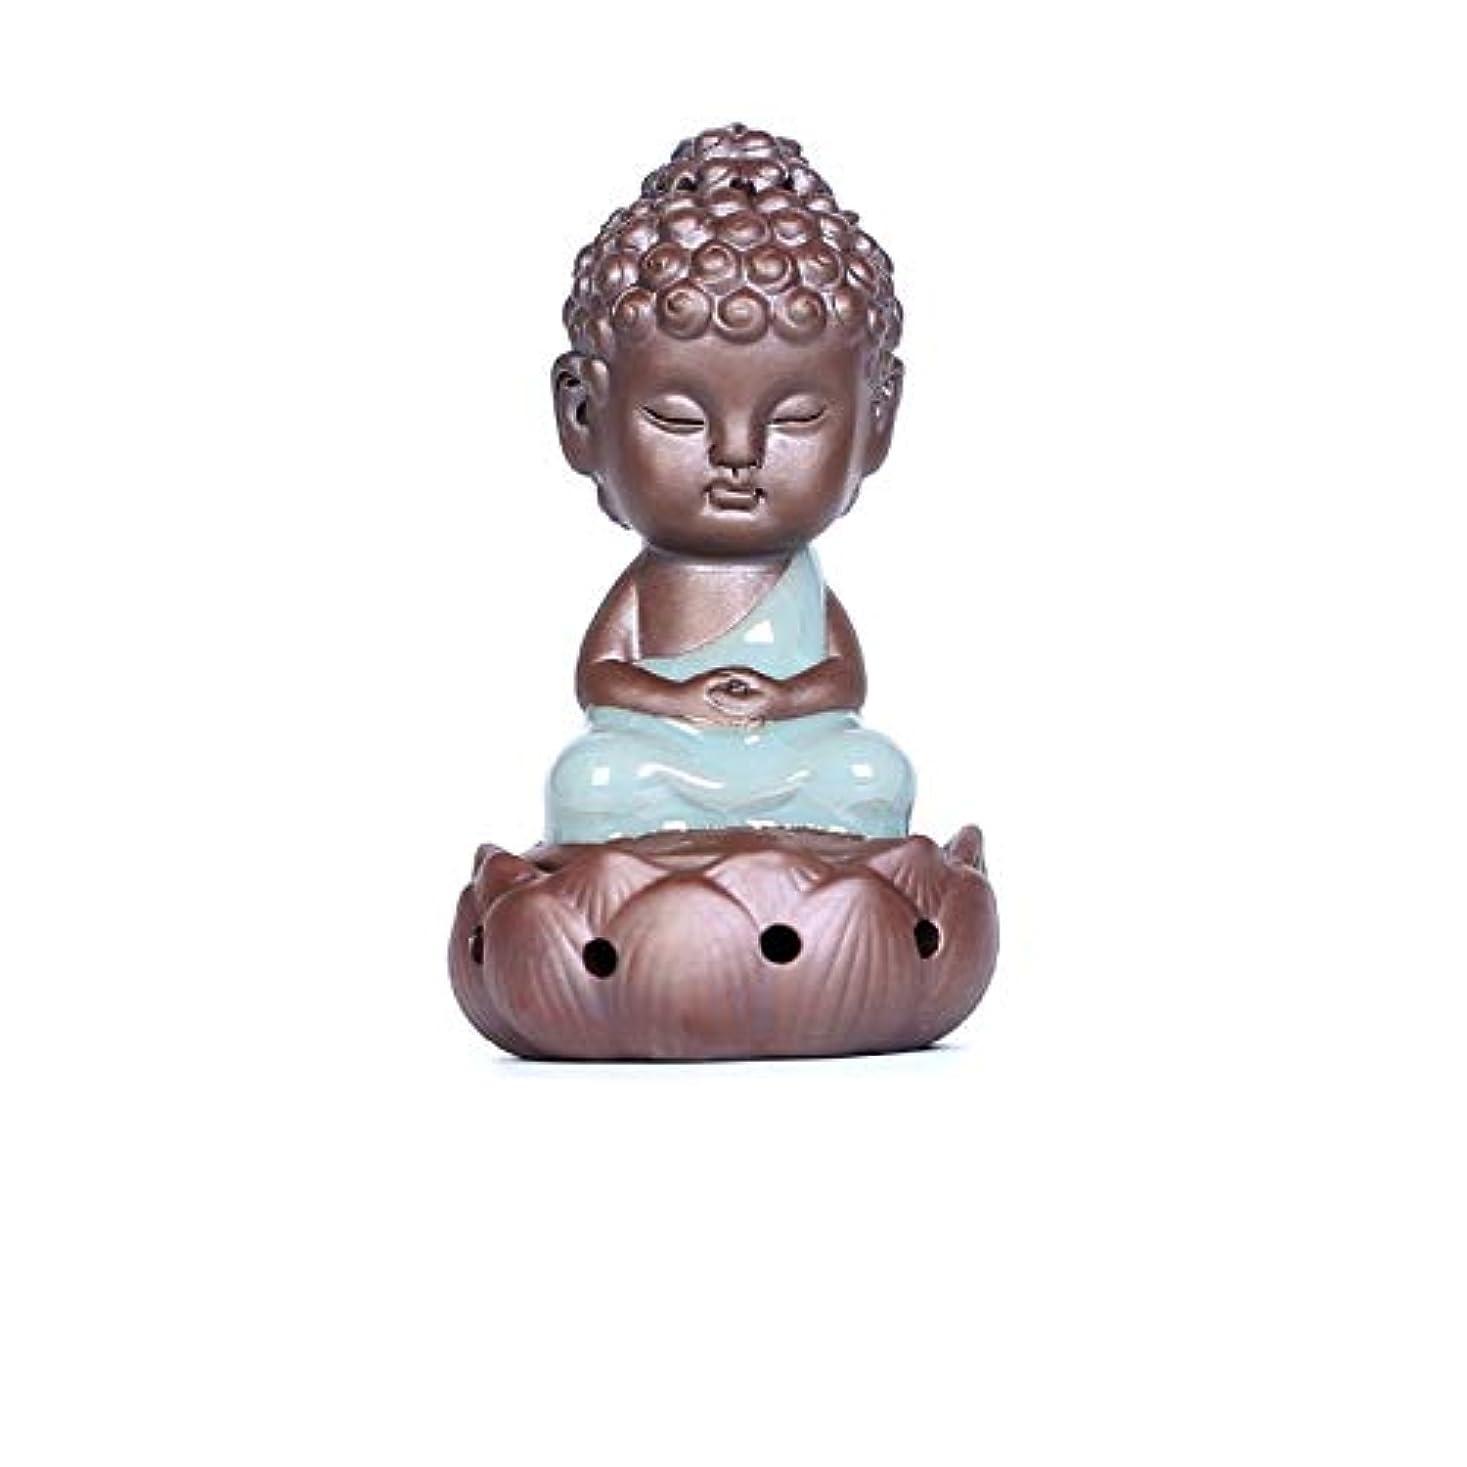 デンマークフォーク錆び逆流香炉家族仏の装飾品セラミック仏像職人技ミニ瞑想禅のギフト香炉仏の装飾品12.5 * 7.5cm